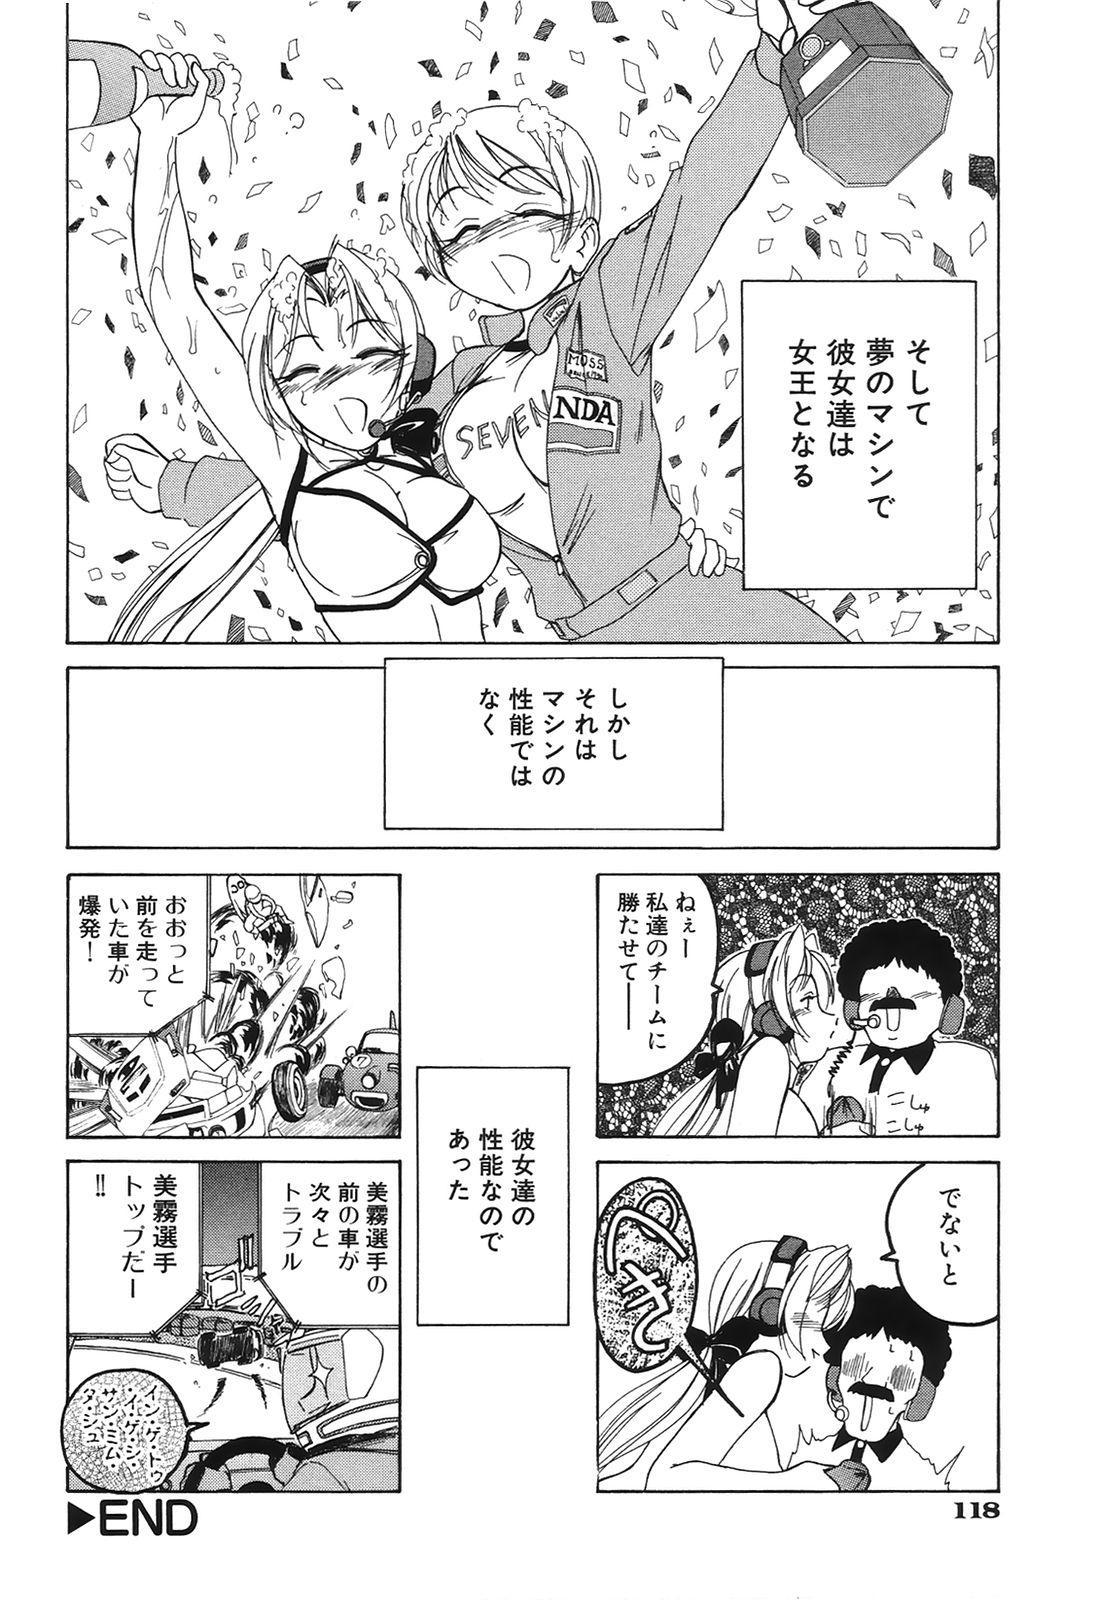 Omake No Musume 120